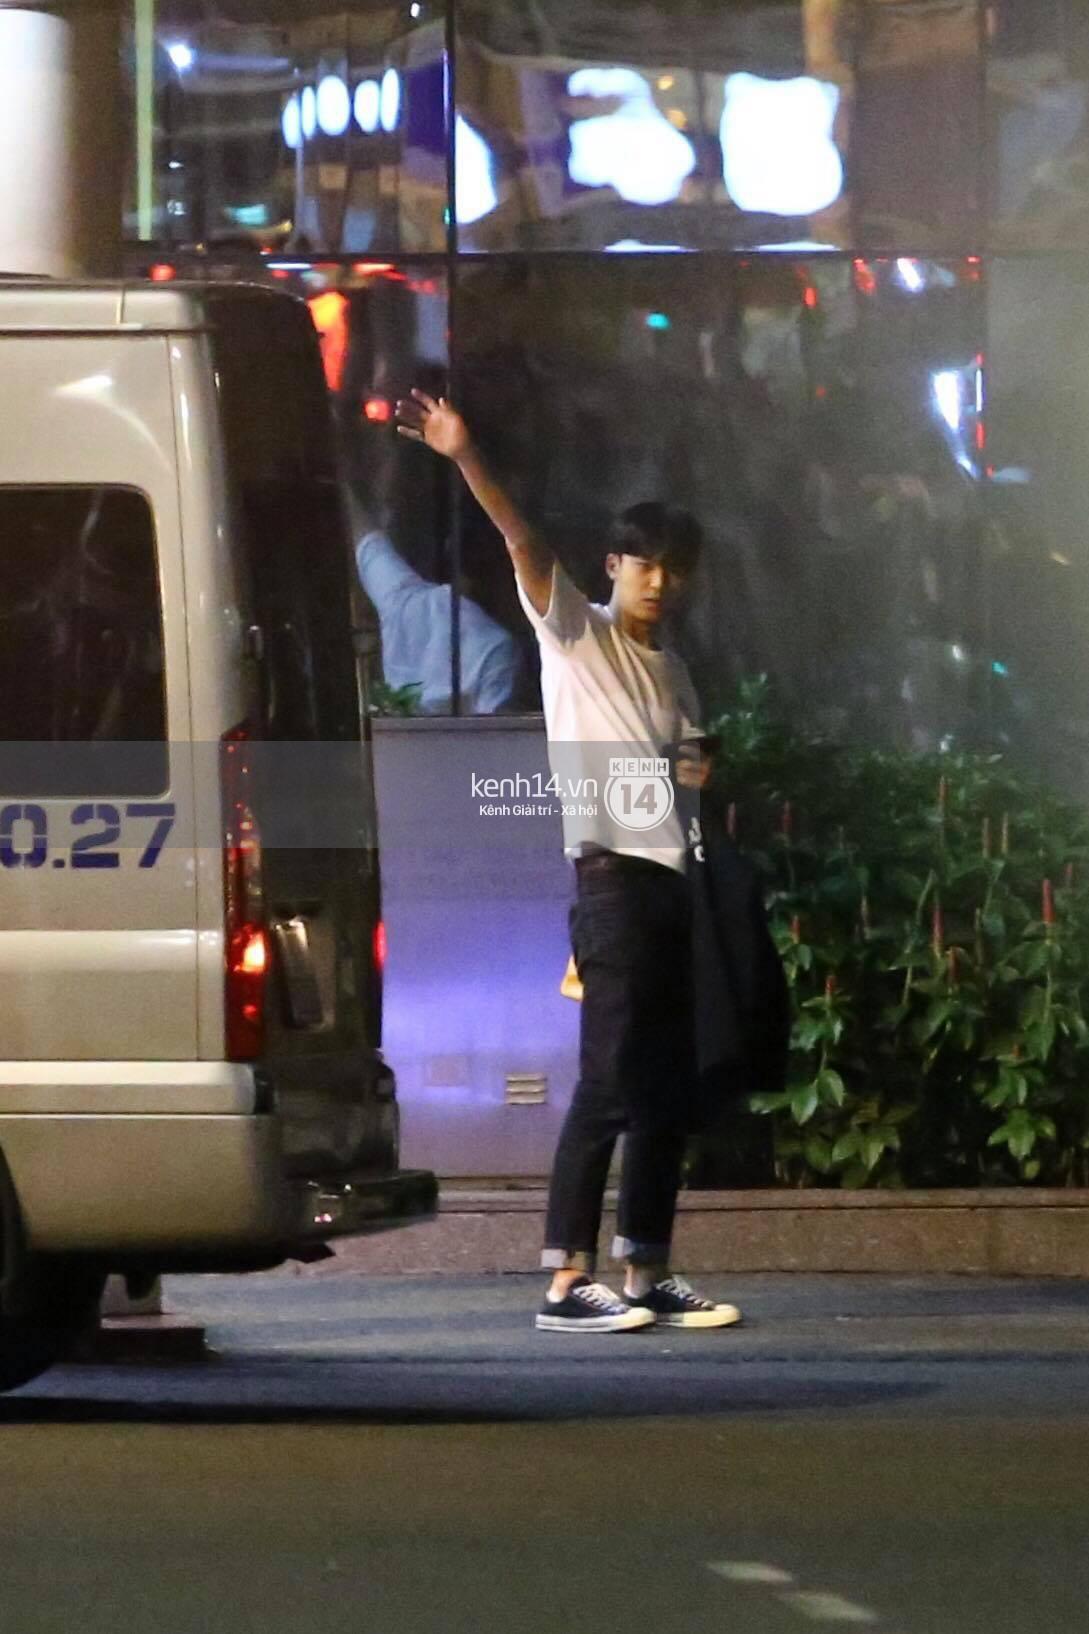 Hình ảnh đối lập: Kết thúc MAMA, Samuel khí thế vẫy tay chào fan Việt, Wanna One ngủ say mặc kệ người hâm mộ - Ảnh 23.